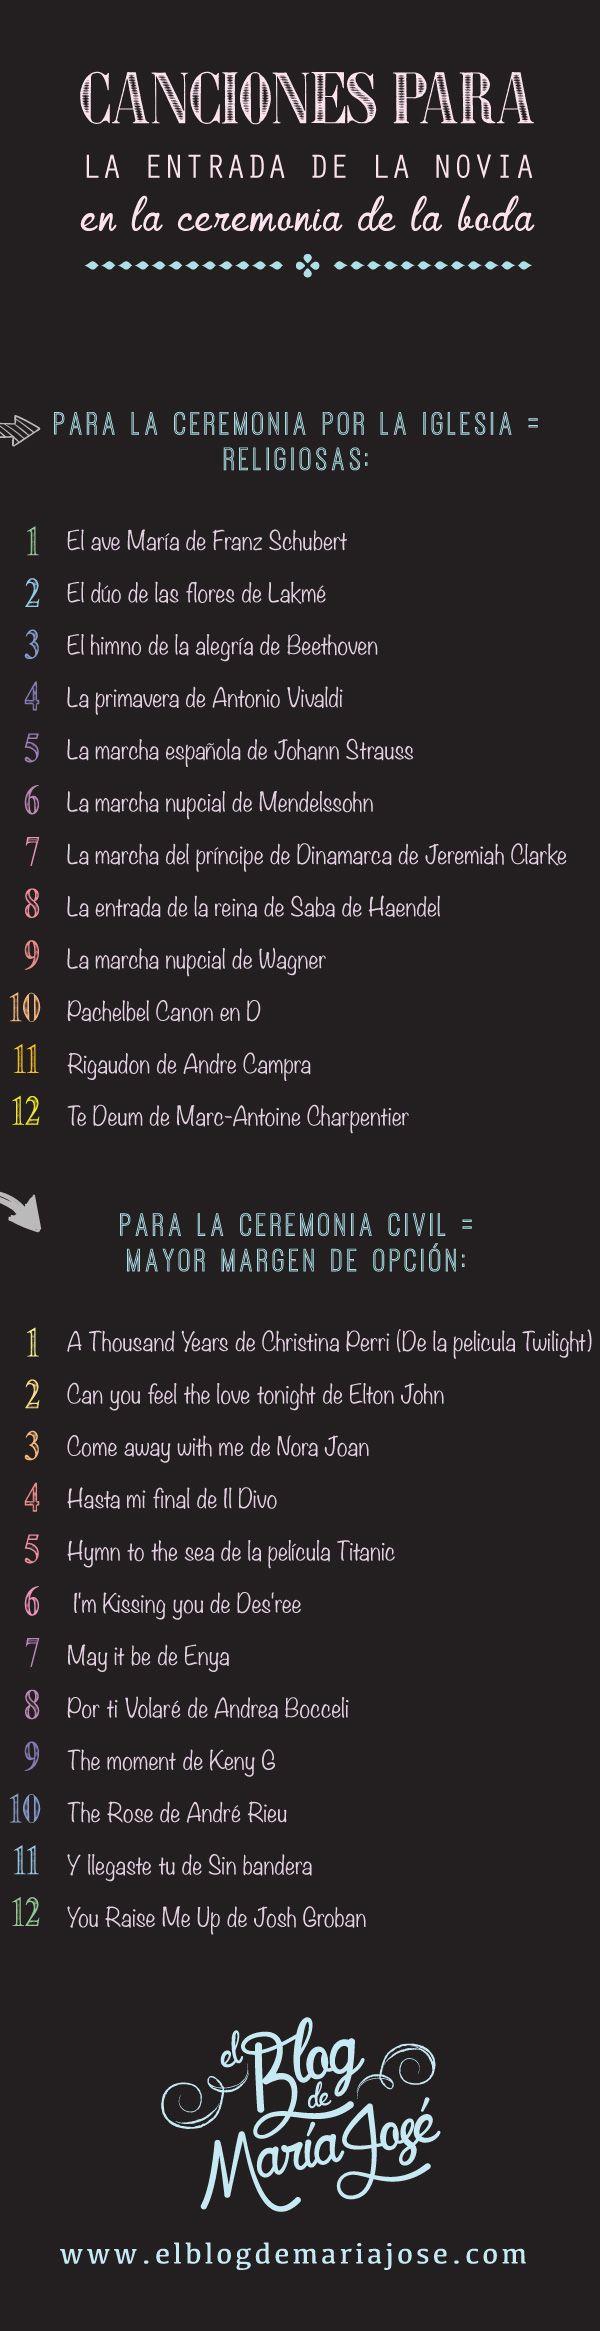 Canciones para la entrada de la novia en la ceremonia de la boda                                                                                                                                                     Más